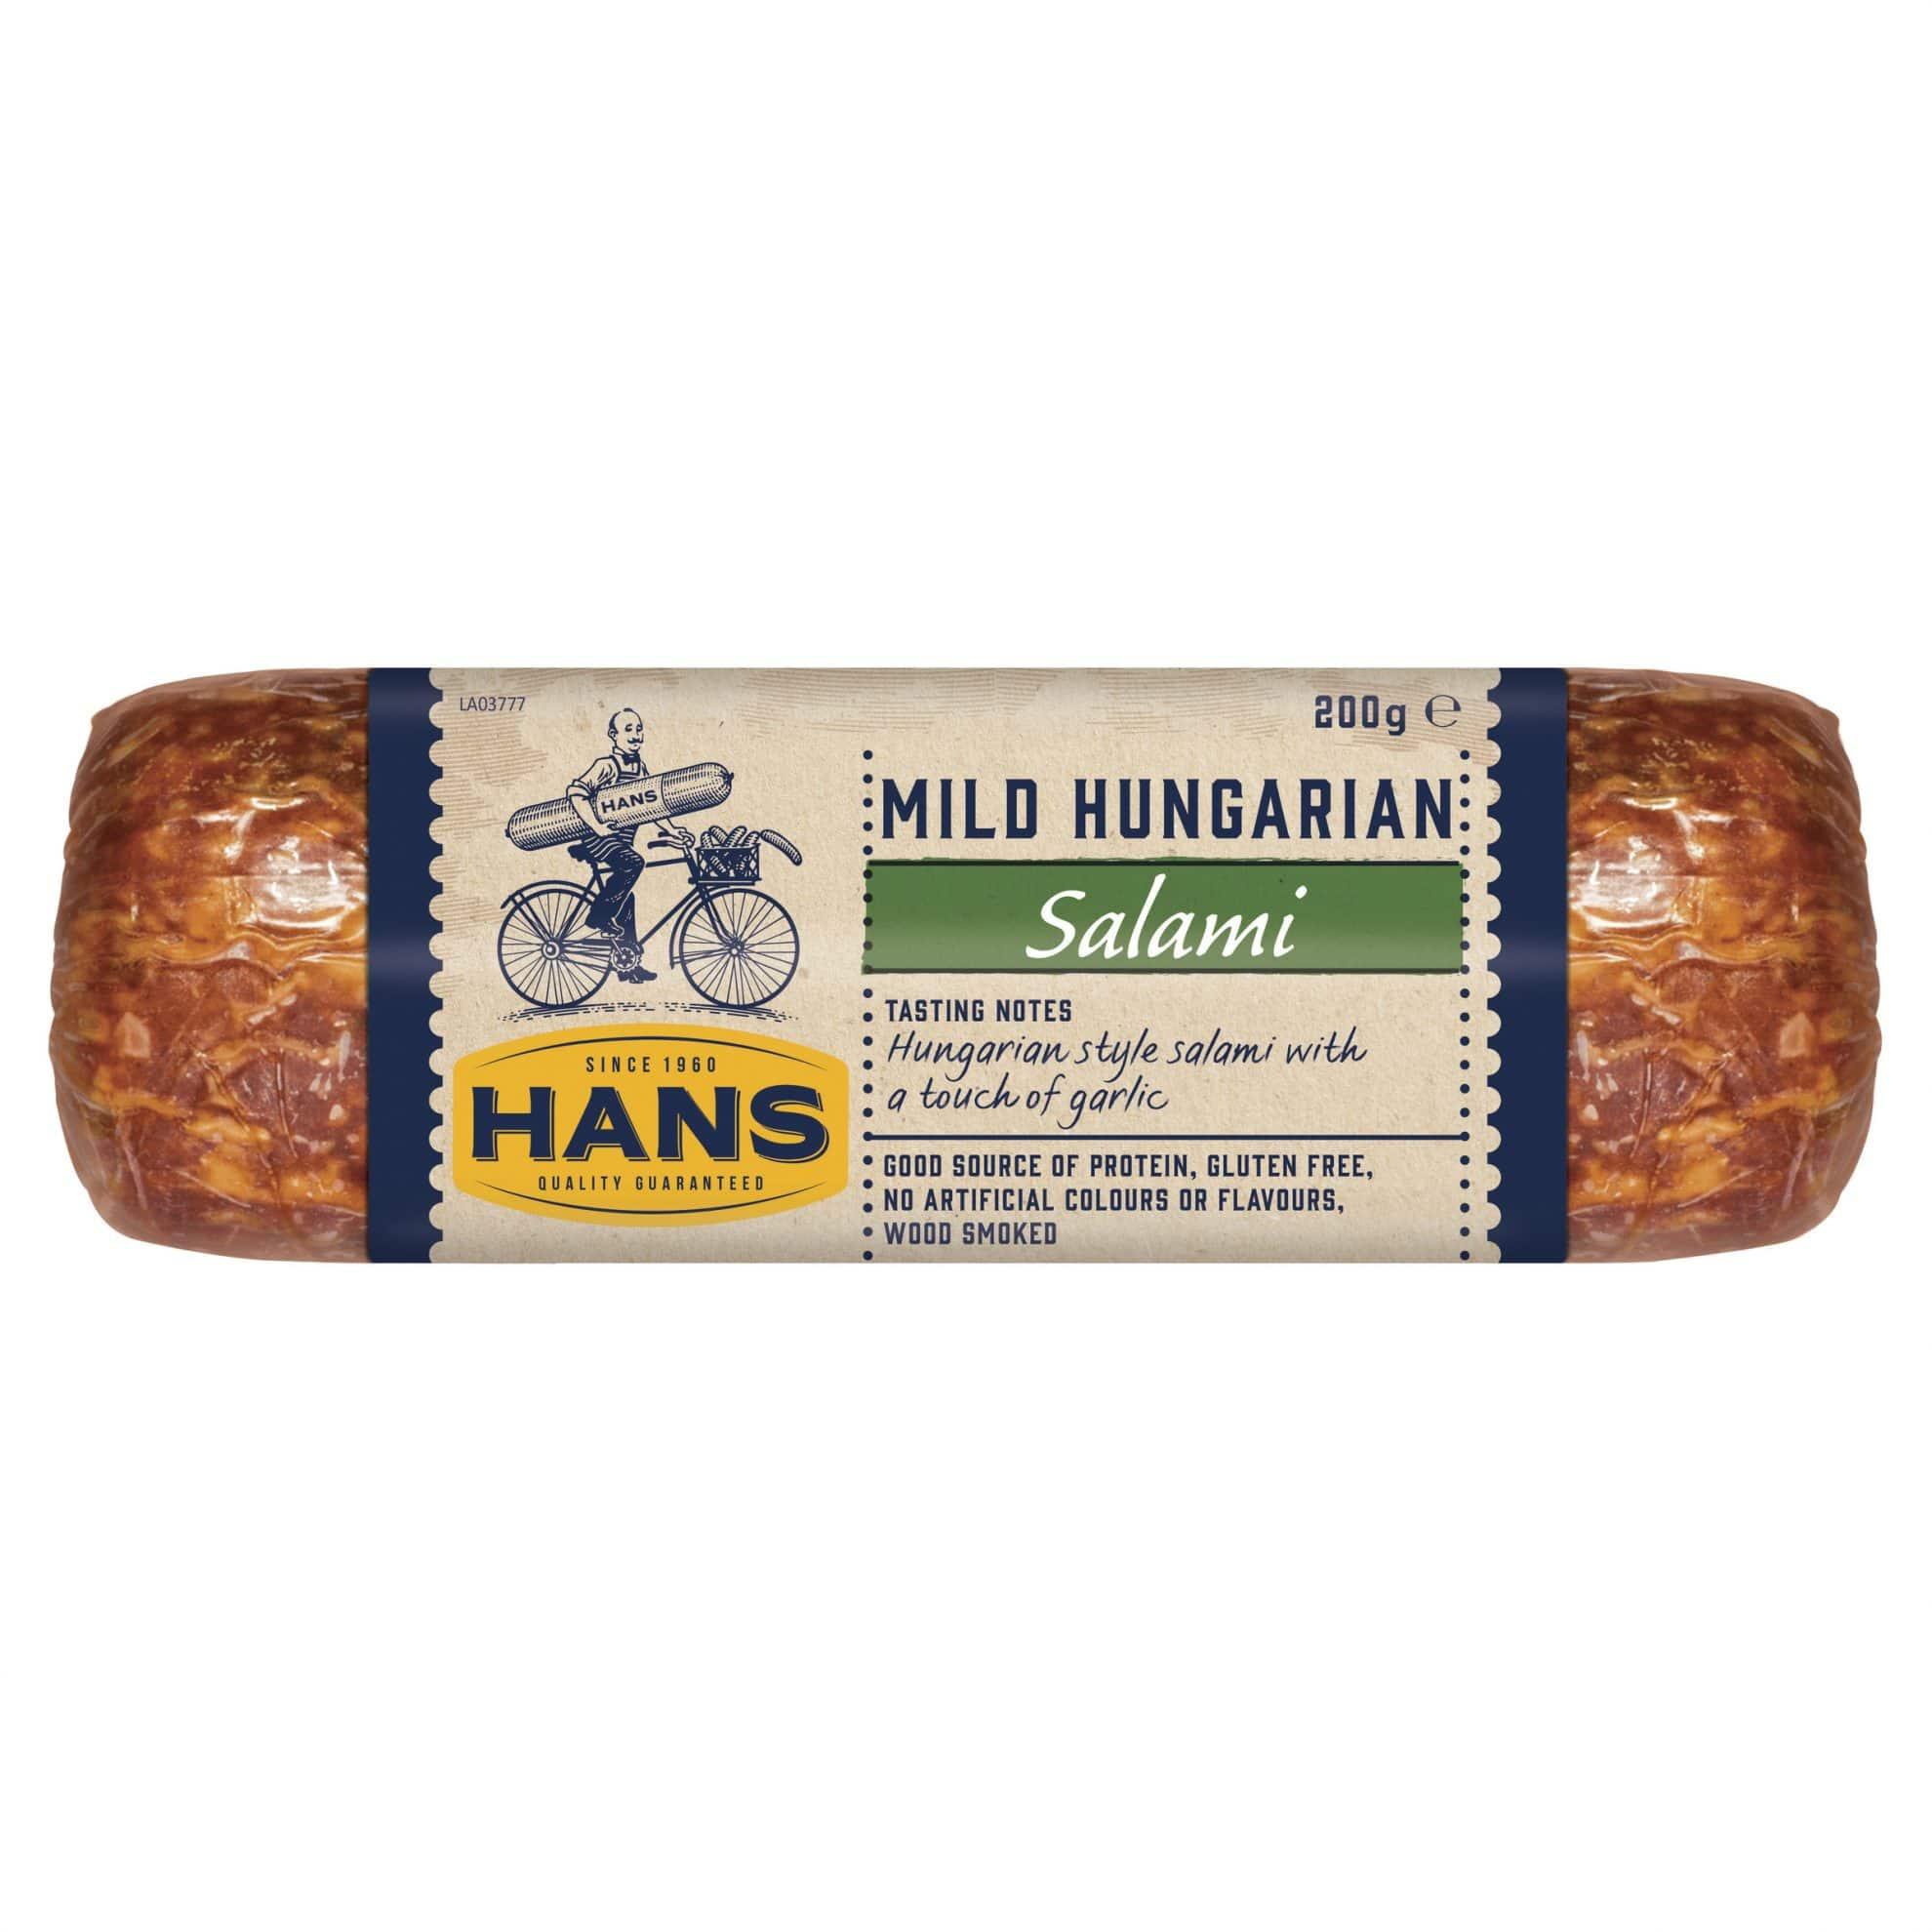 Hans Mild Hungarian Salami 200g